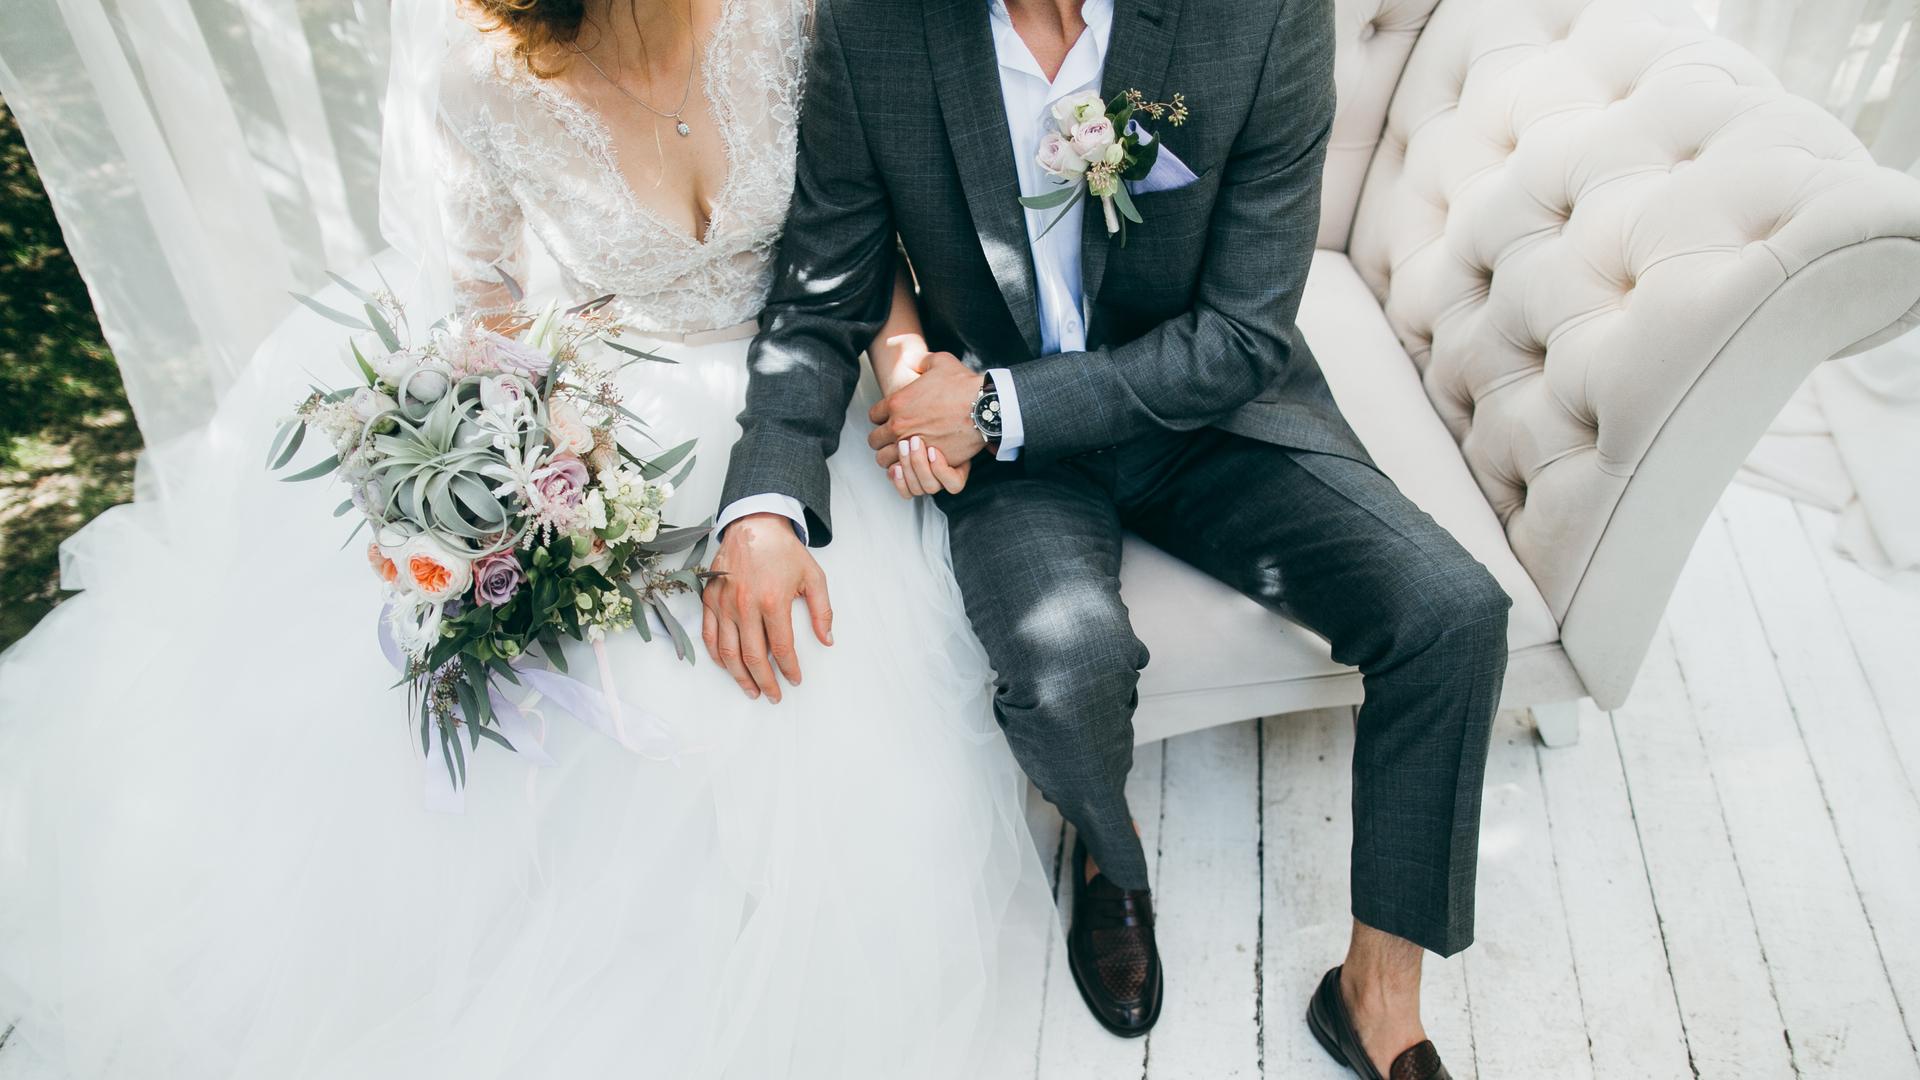 アレに弱い人は注意!「結婚後に女性を不幸にする男」の特徴5つ